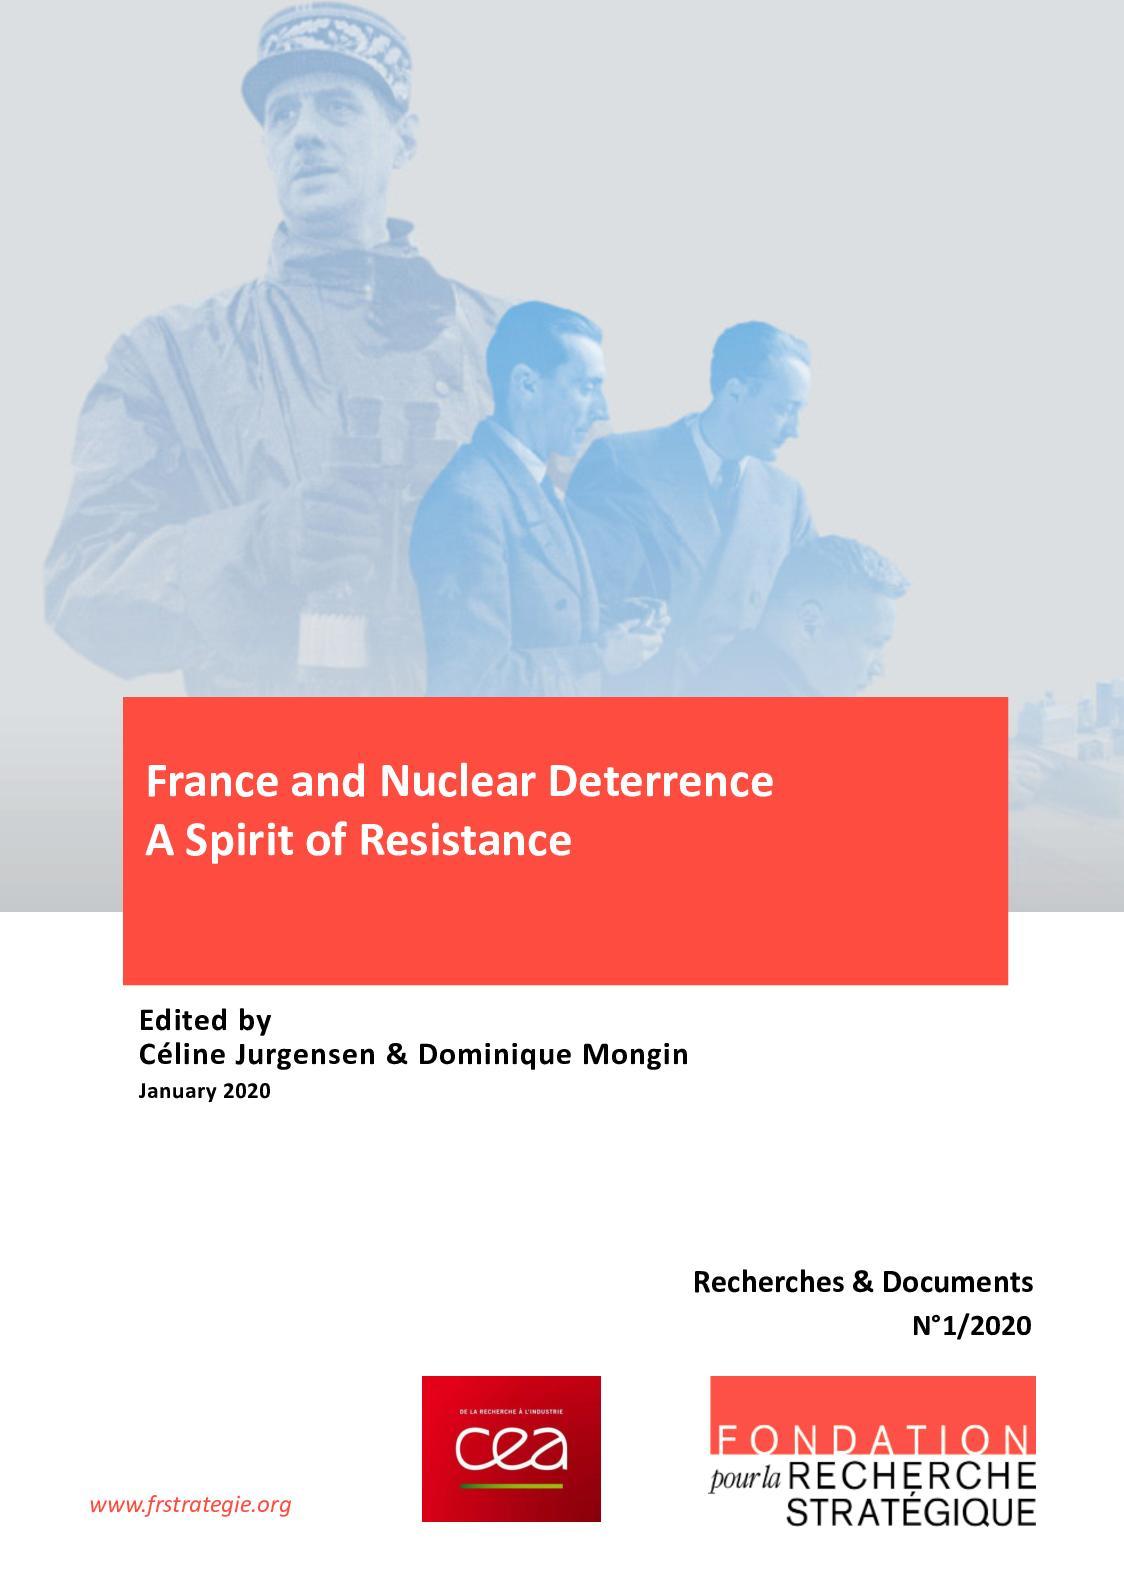 Imprimerie De L Ouest Parisien calaméo - france and nuclear deterrence - a spirit of resistance